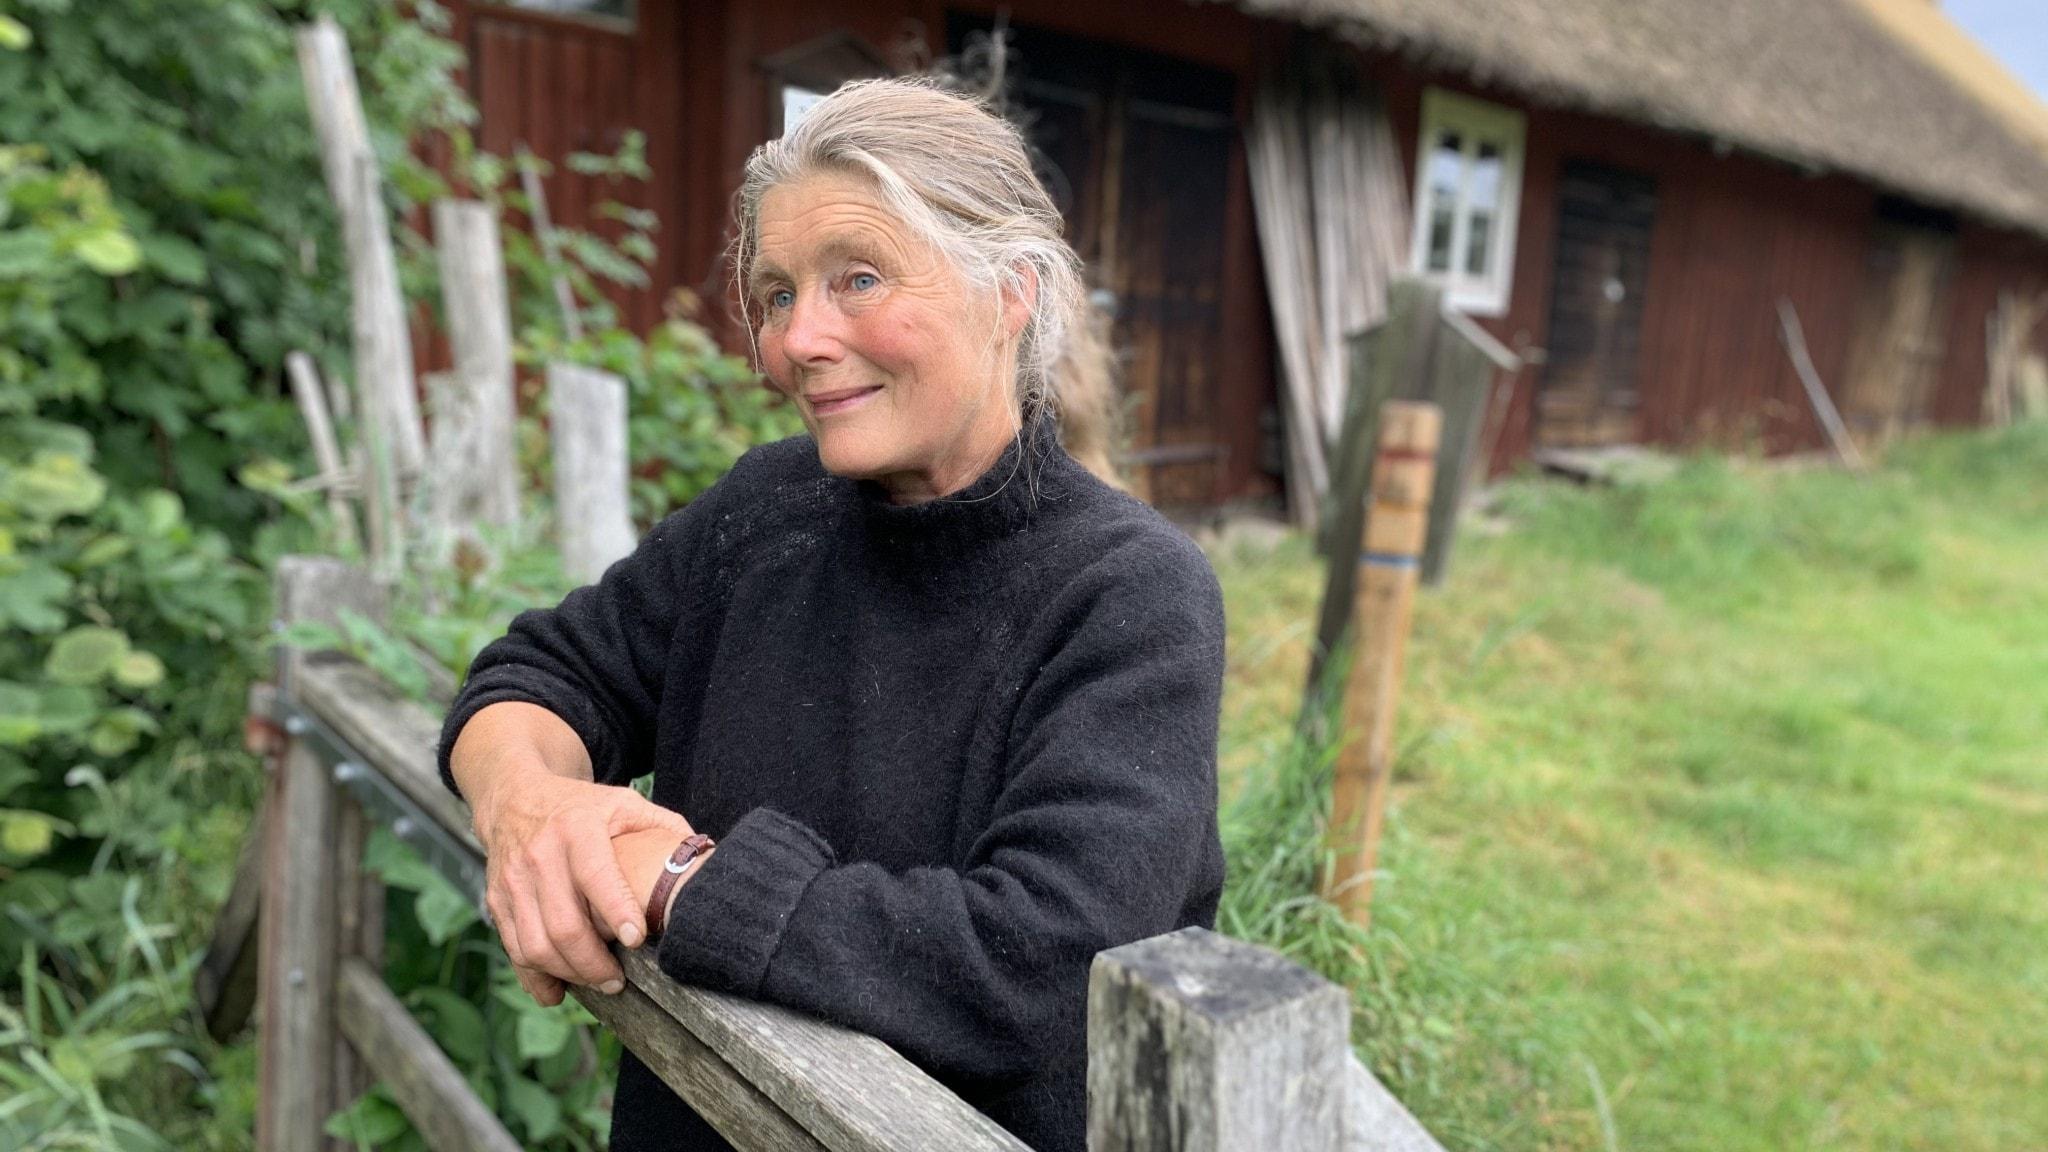 En gråhårig kvinna står lutad mot ett staket